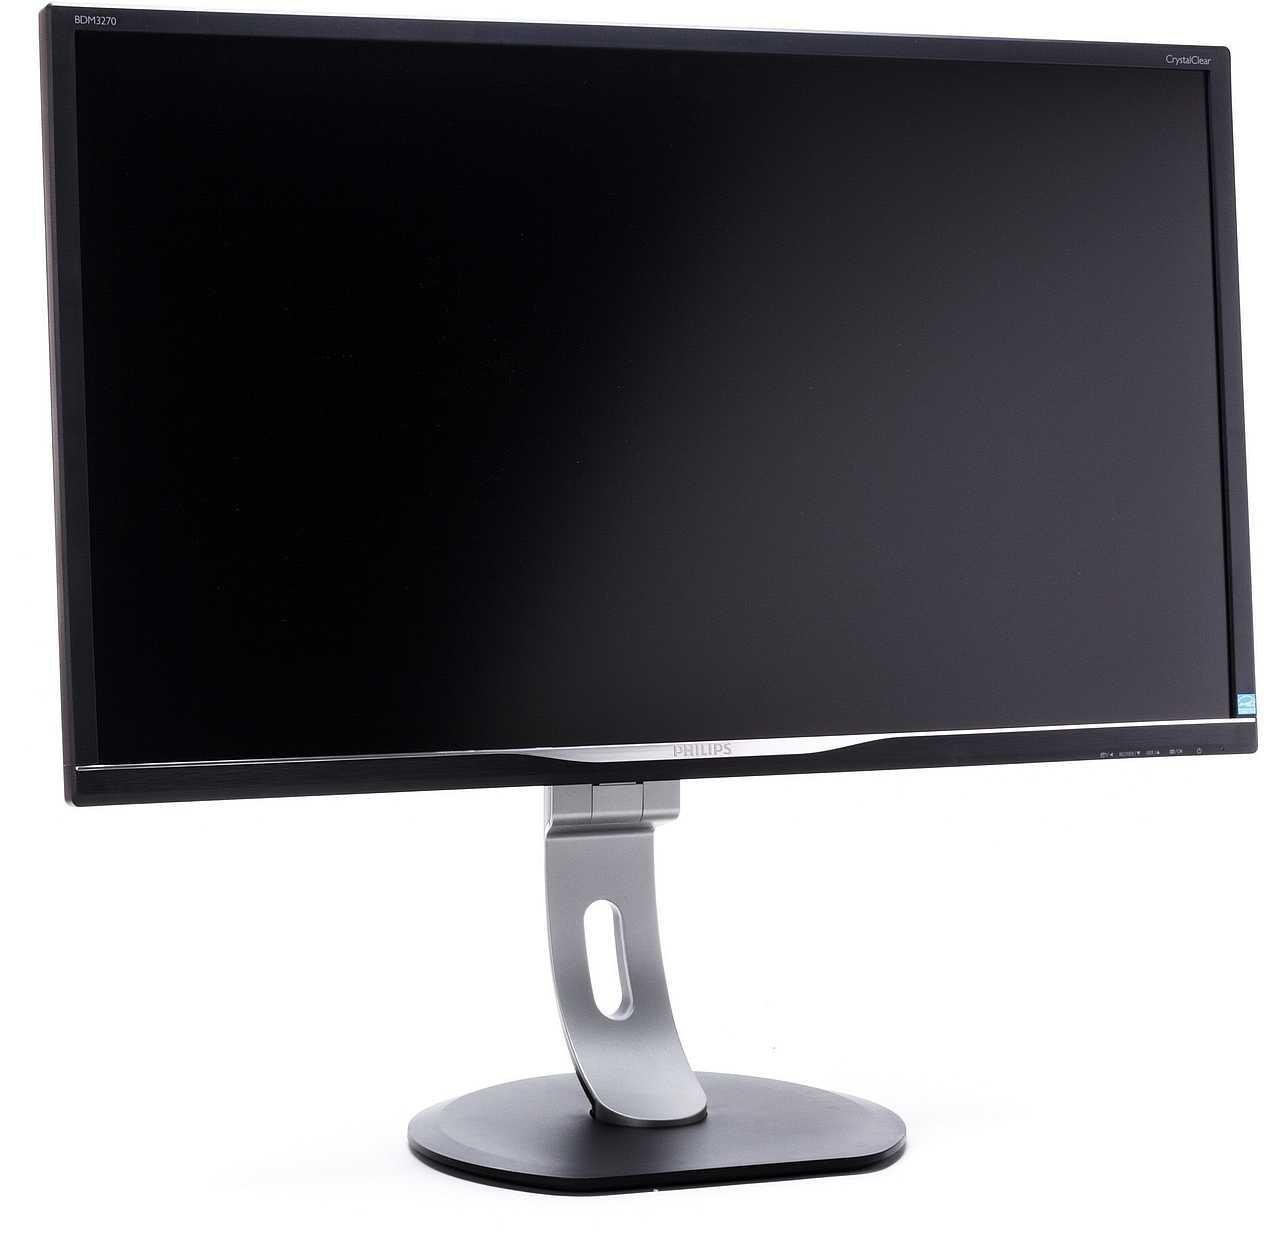 Monitorul Philips 258B6Q ajustabil